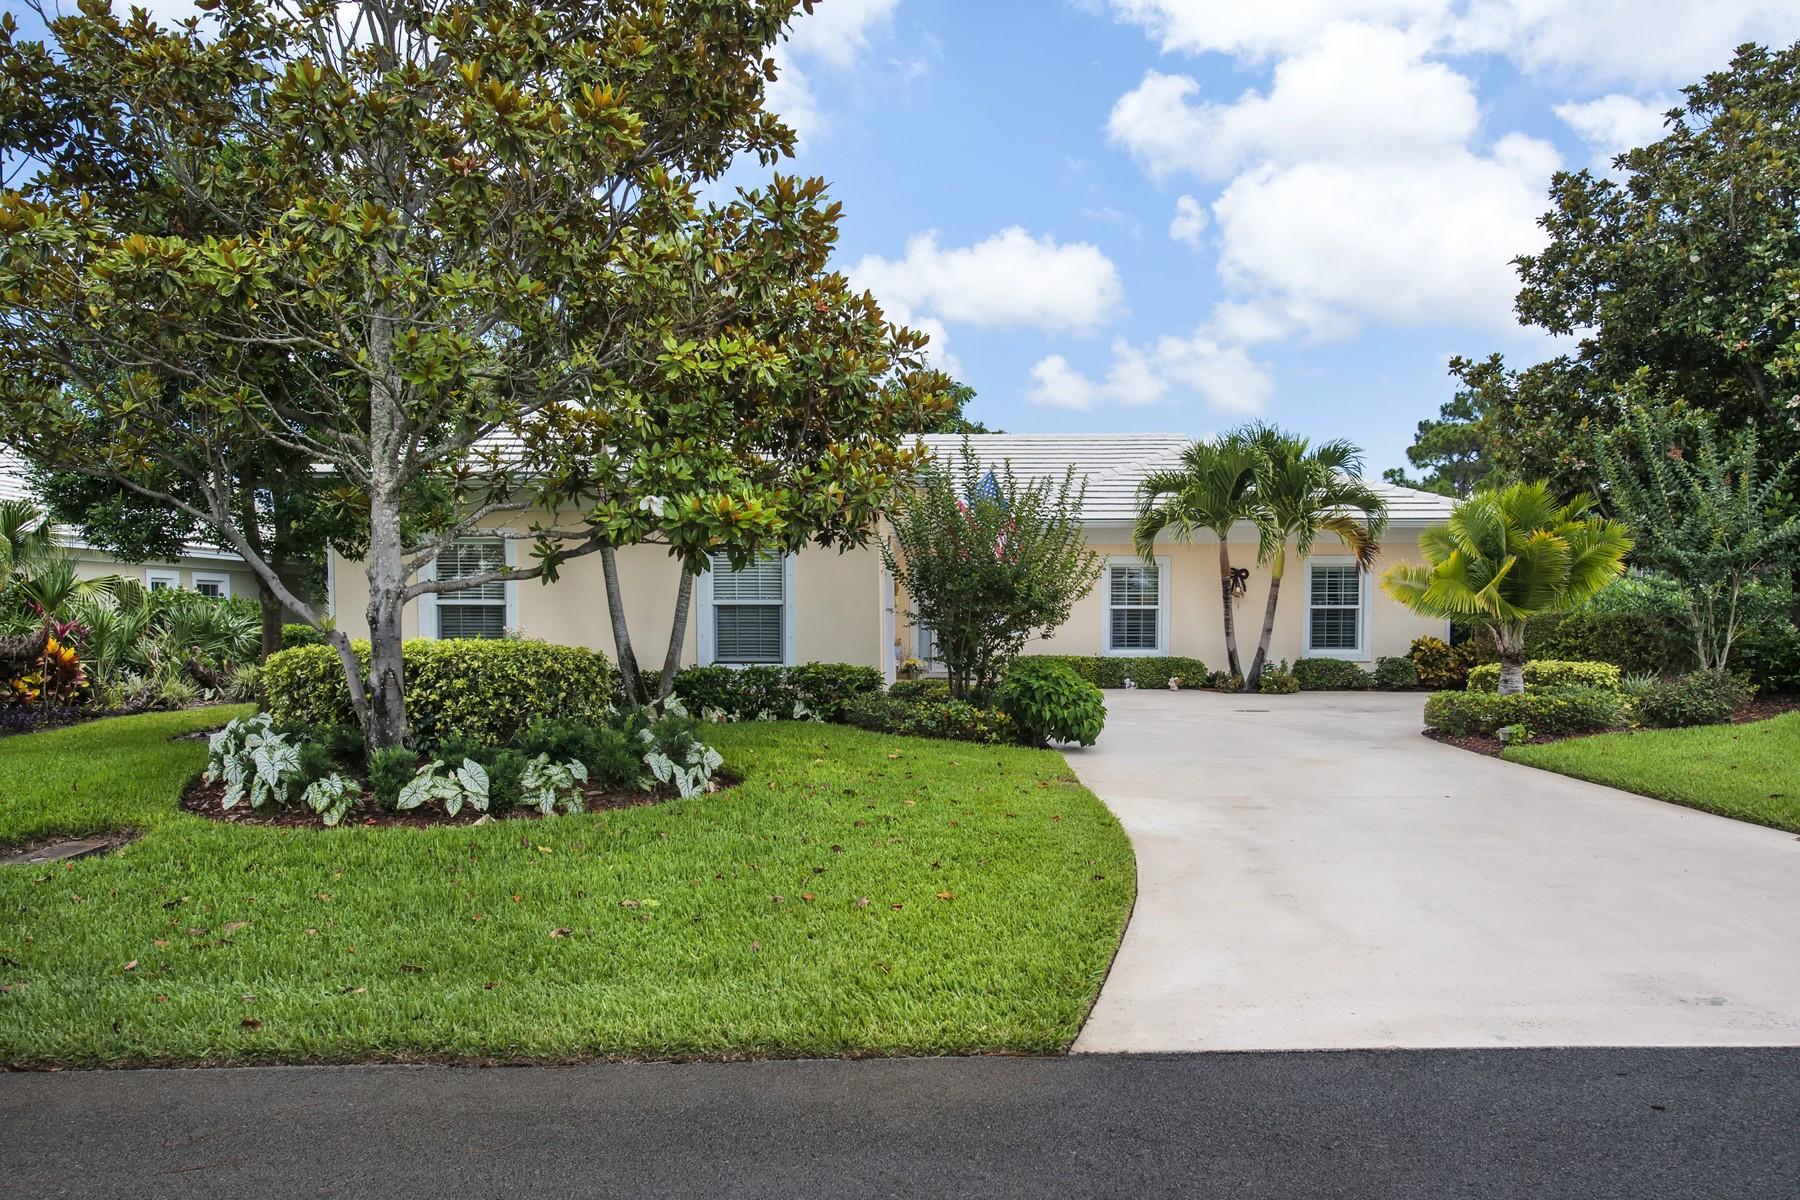 Property For Sale at Elegant Bent Pine Villa